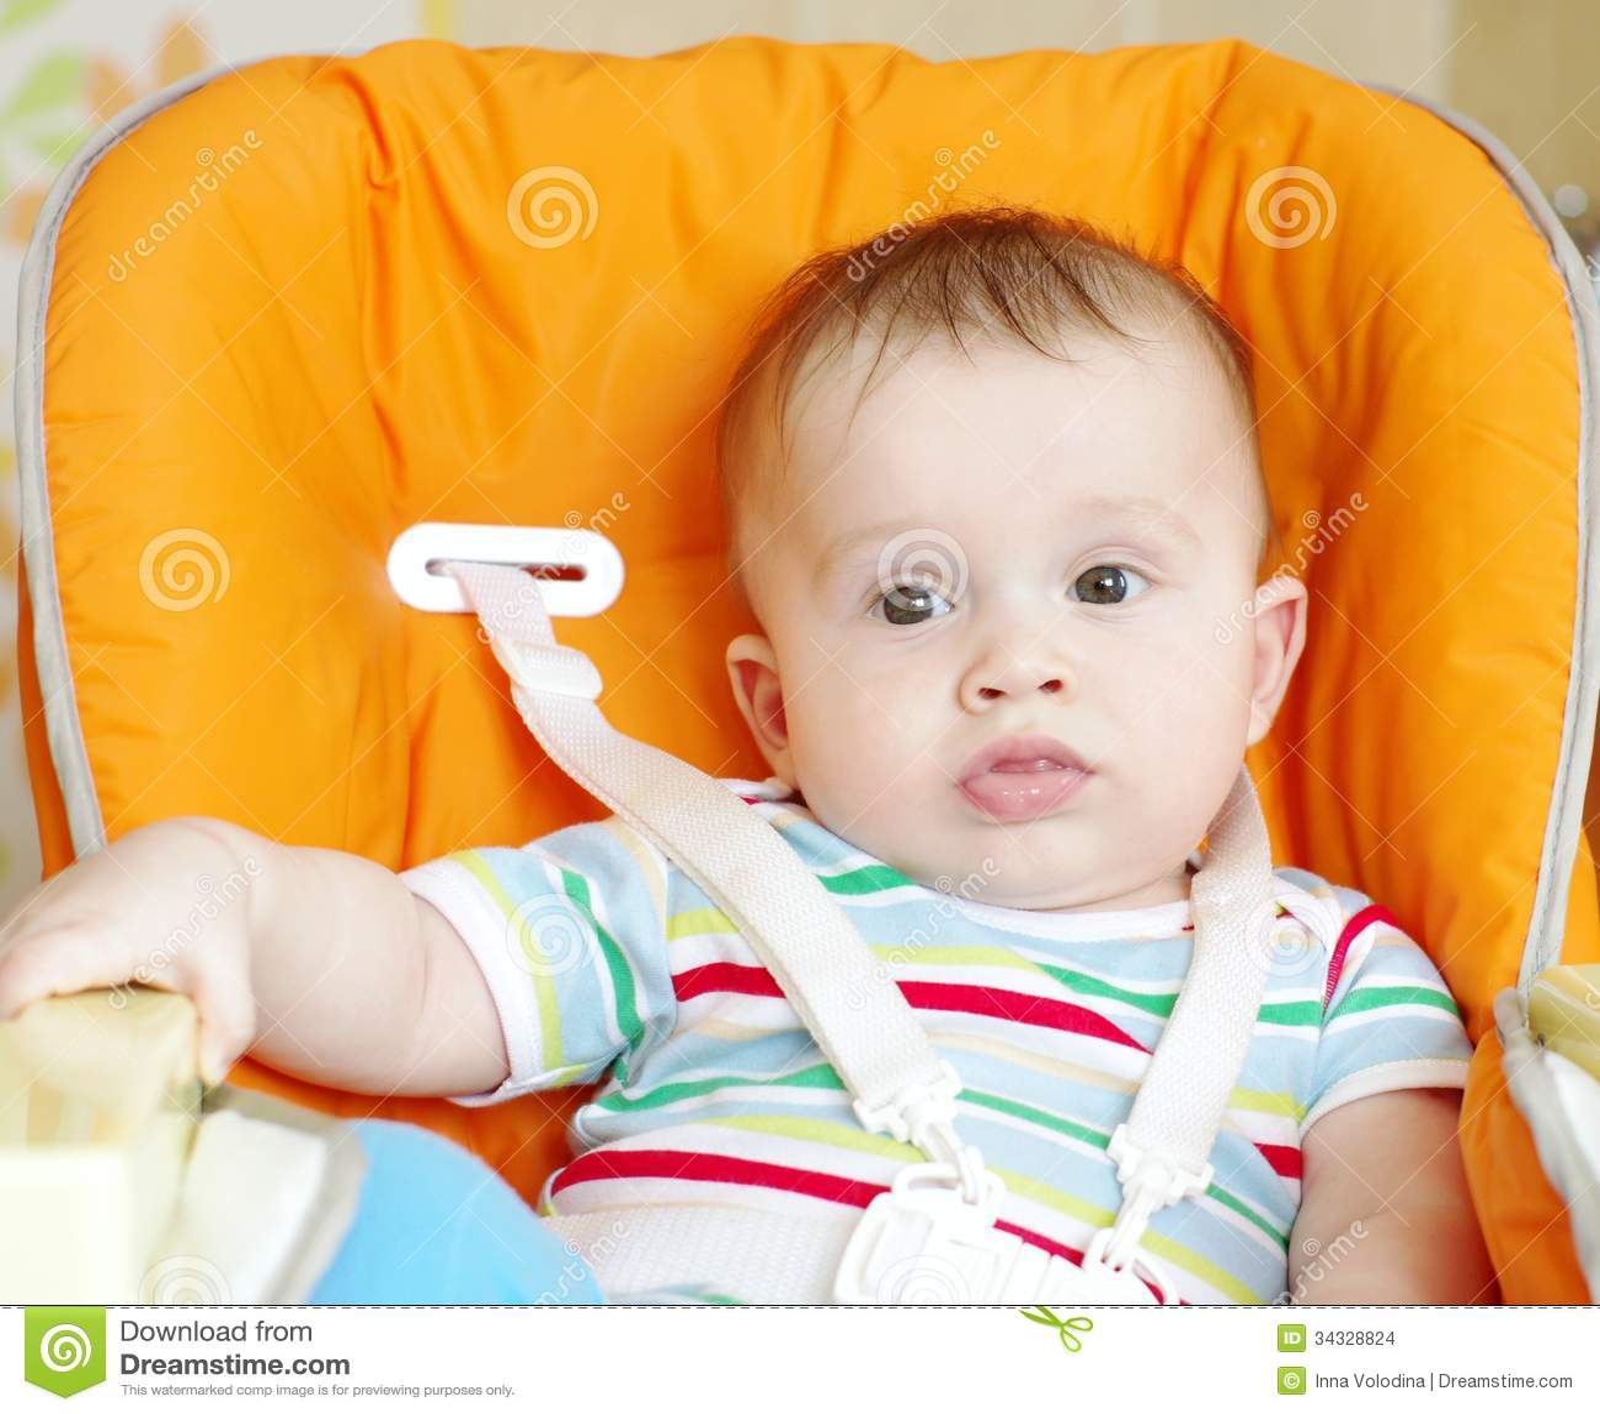 la edad del beb de 6 meses se sienta en silla de los